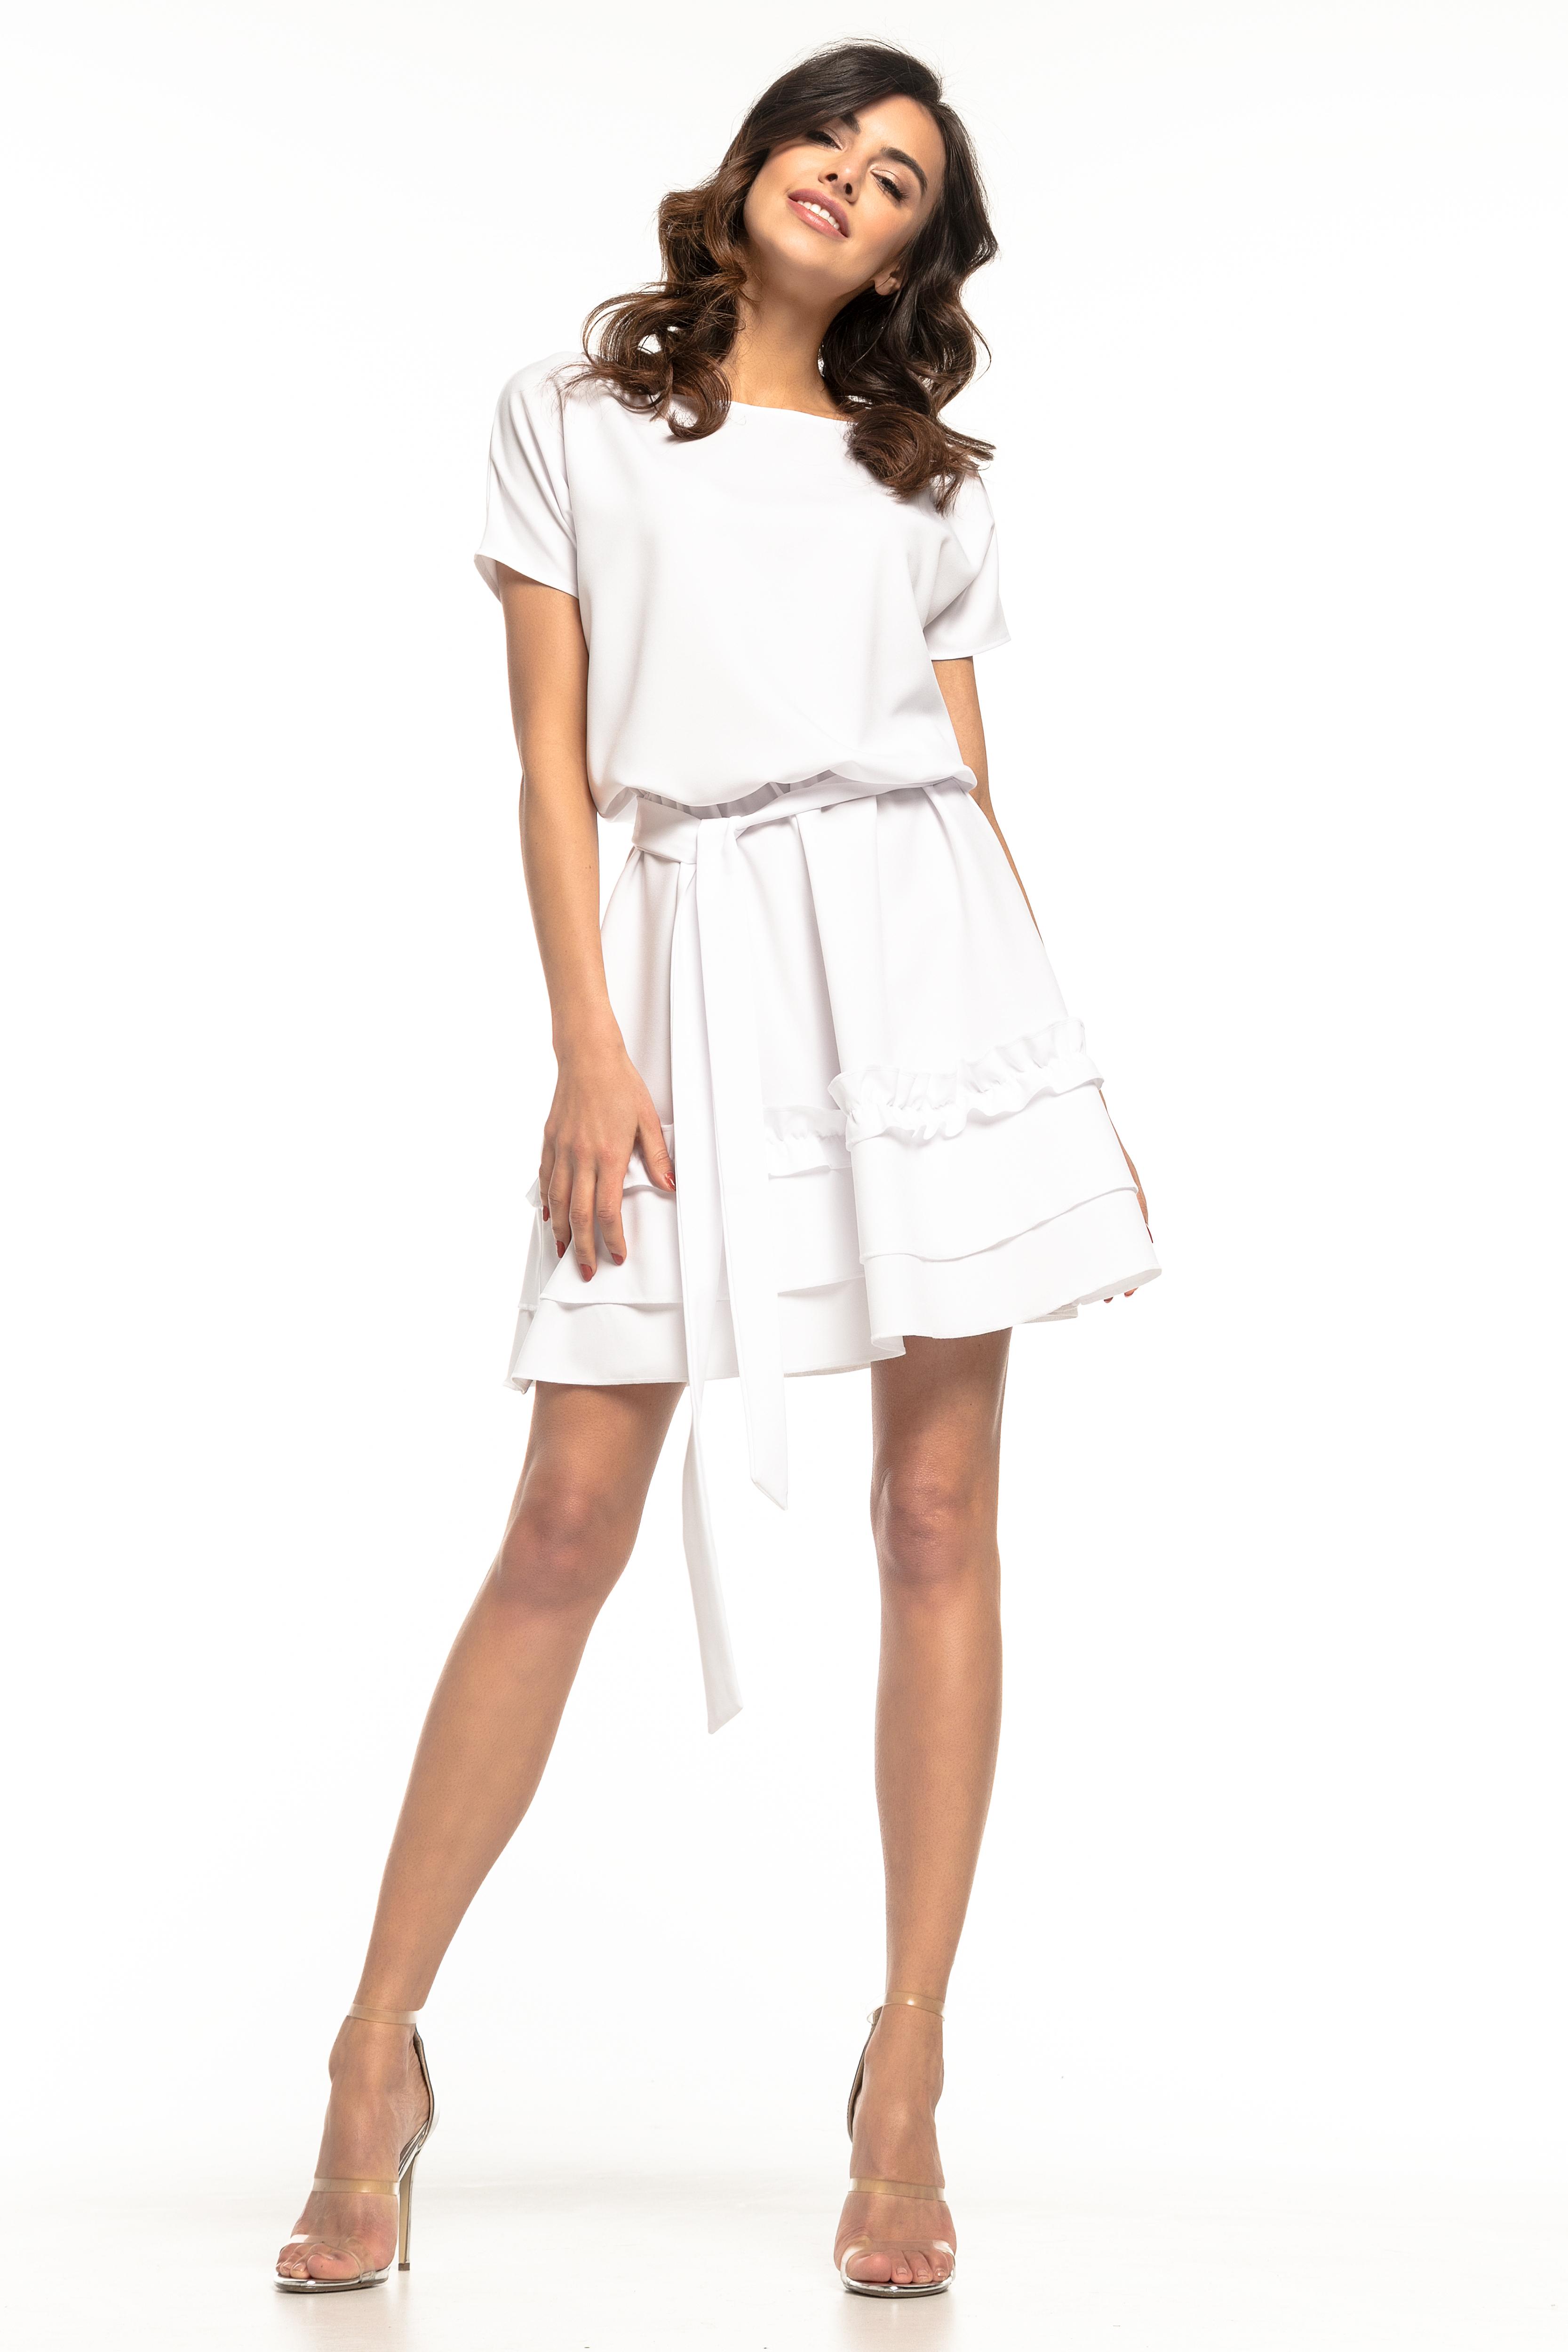 cfd7294815 Sukienka rozkloszowana z falbanką biała - tania dostawa od 5